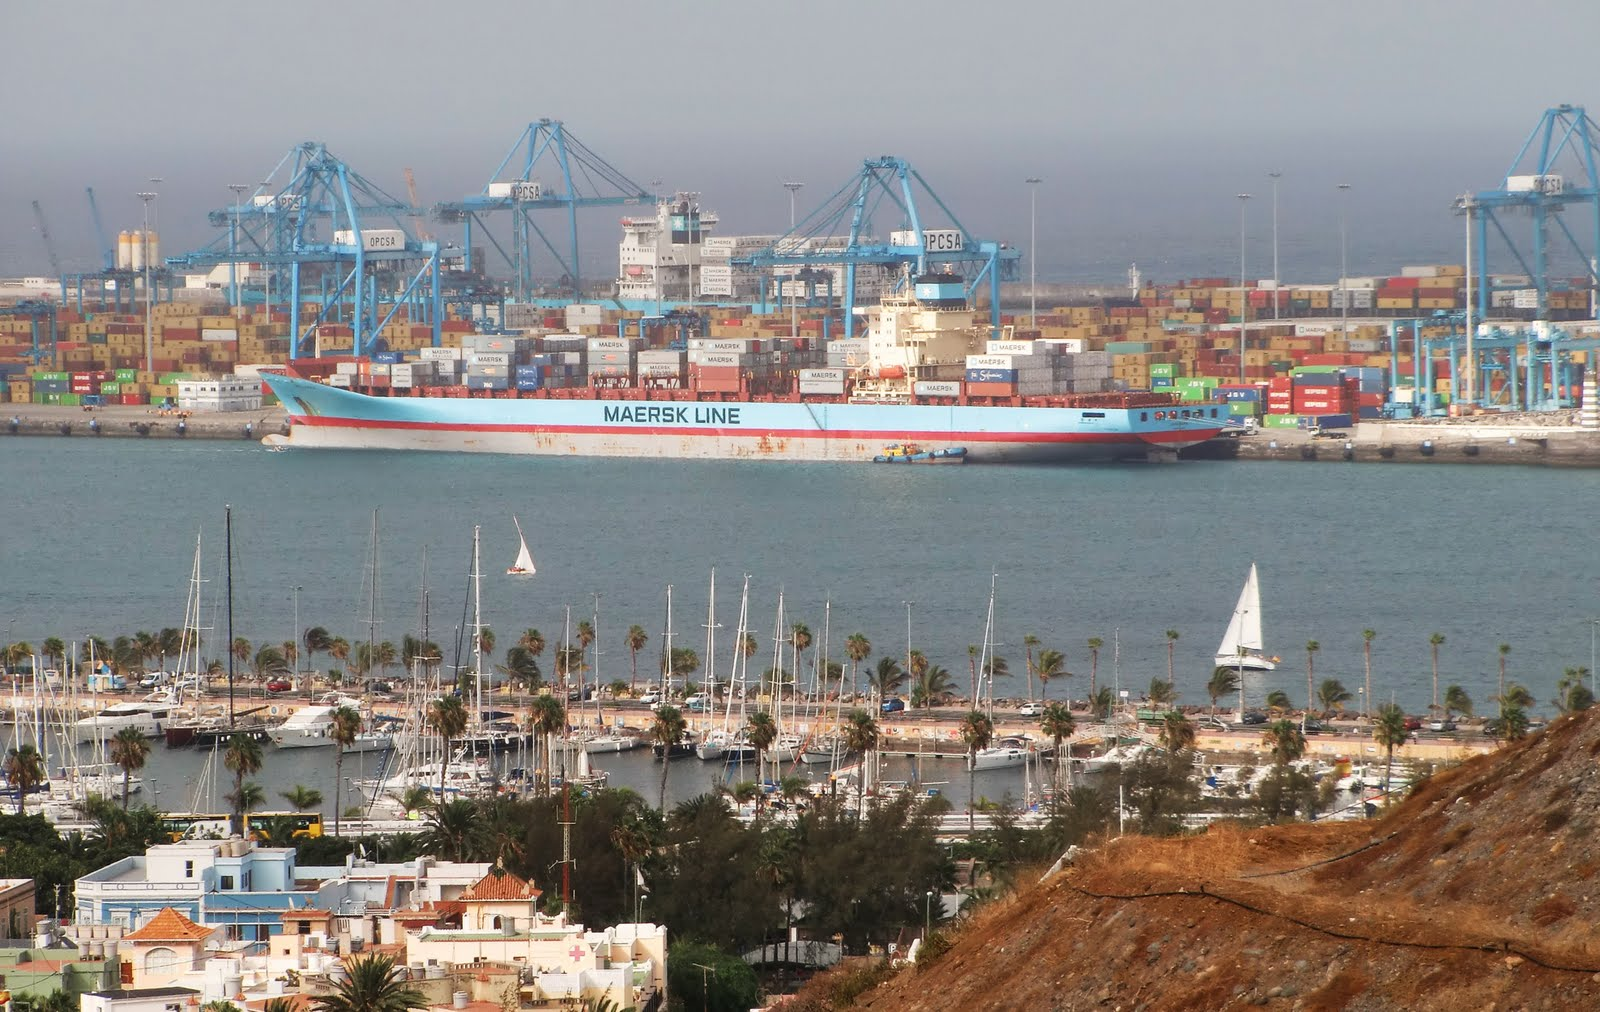 Efectivos de la Marina Armada de México ocuparon más de 220 kilogramos de cocaína en el reciento portuario de Manzanillo, en el estado de Colima, al oeste de aquí, trascendió hoy.